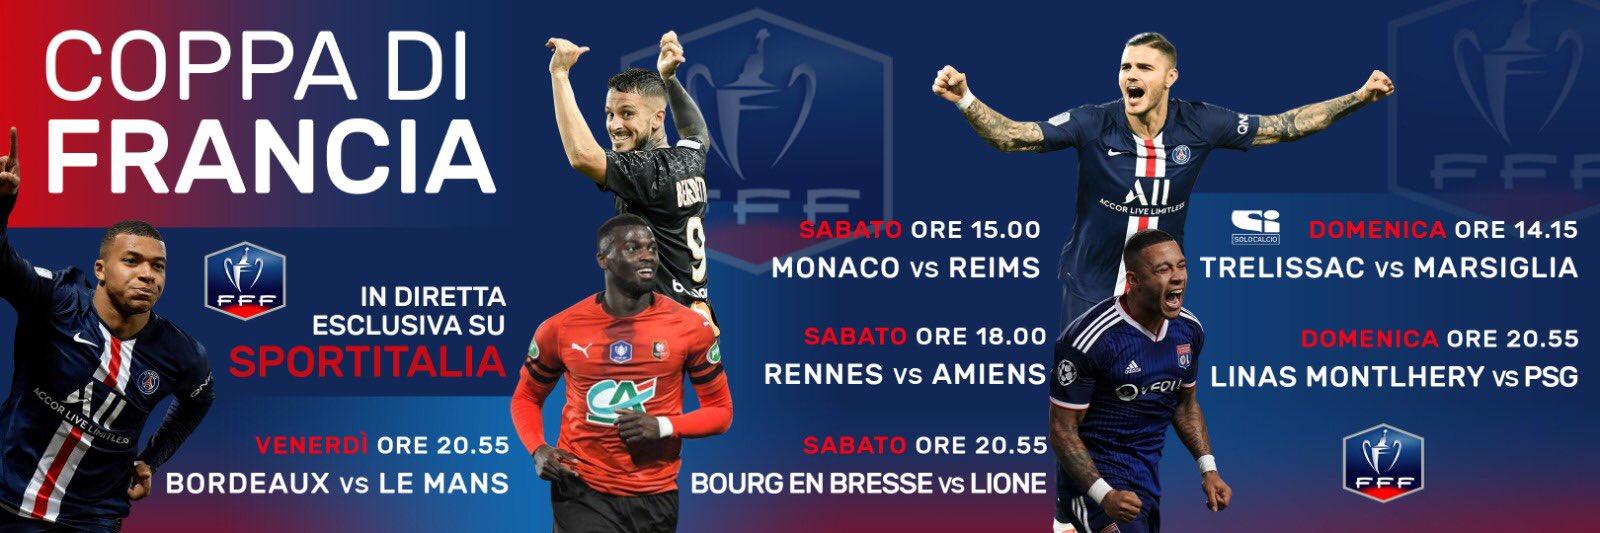 La 103esima edizione della Coppa di Francia nel weekend su Sportitalia